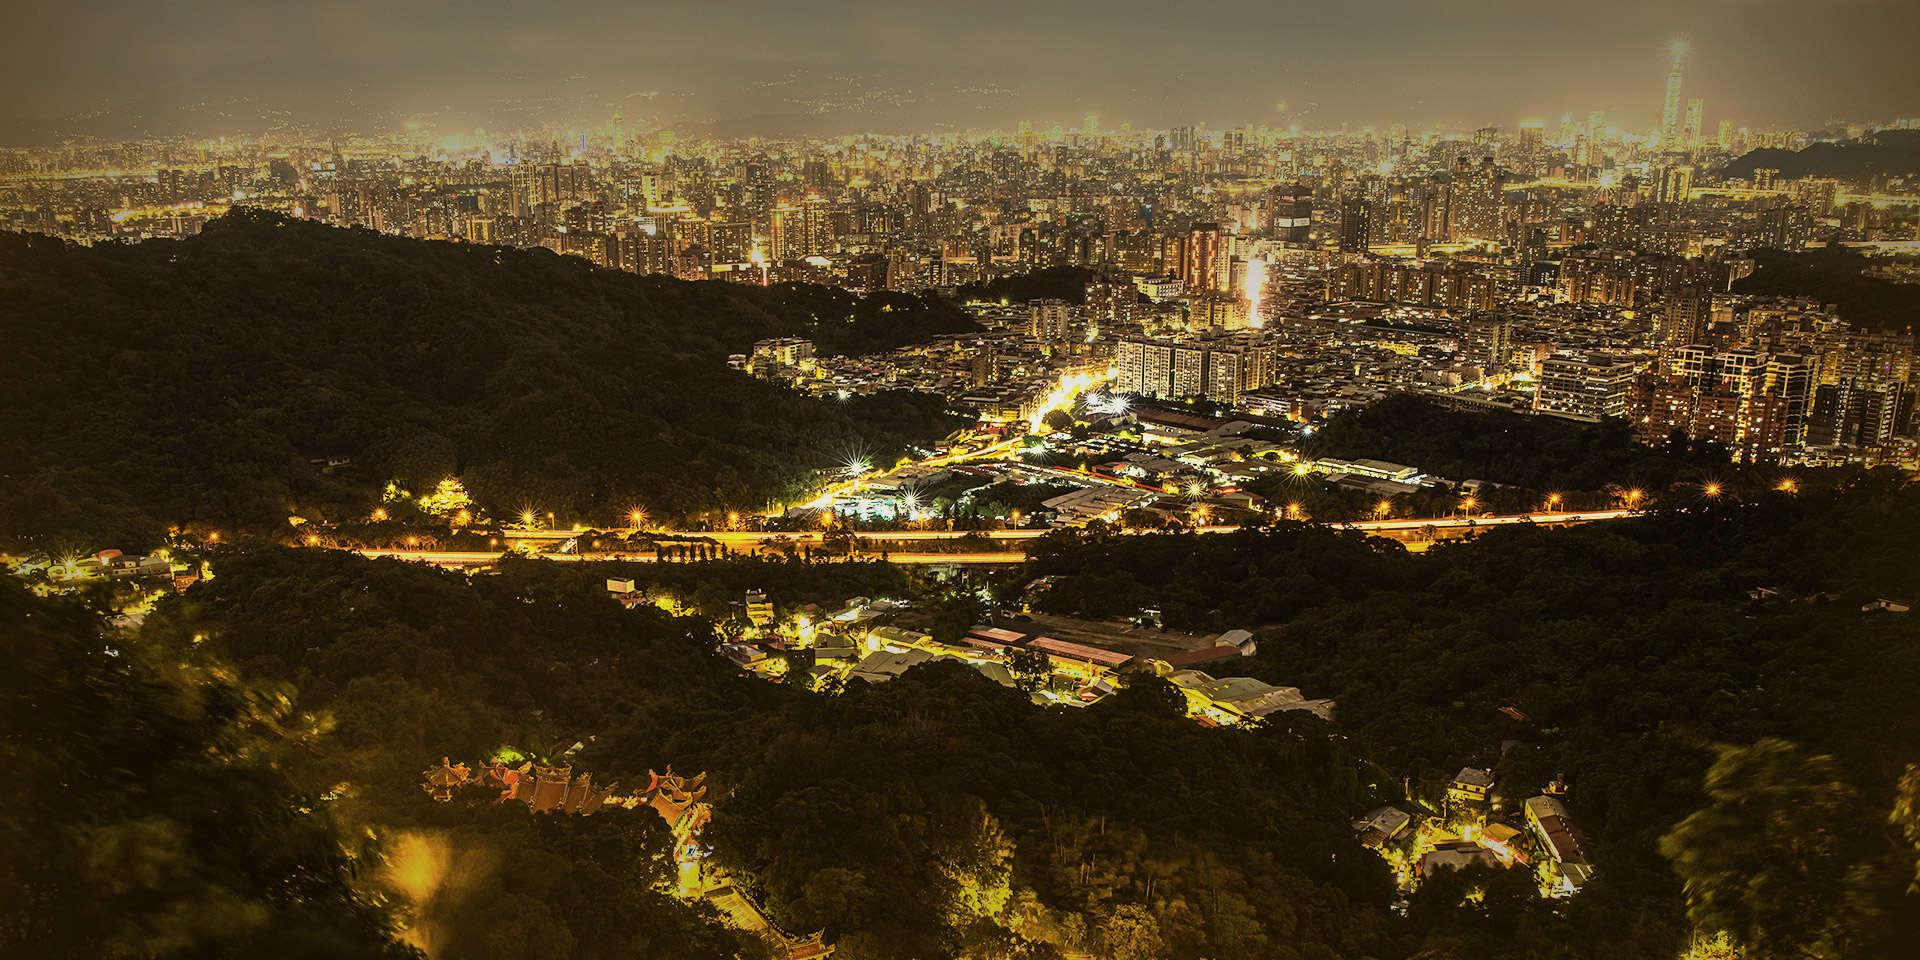 Night visit to Hongludi